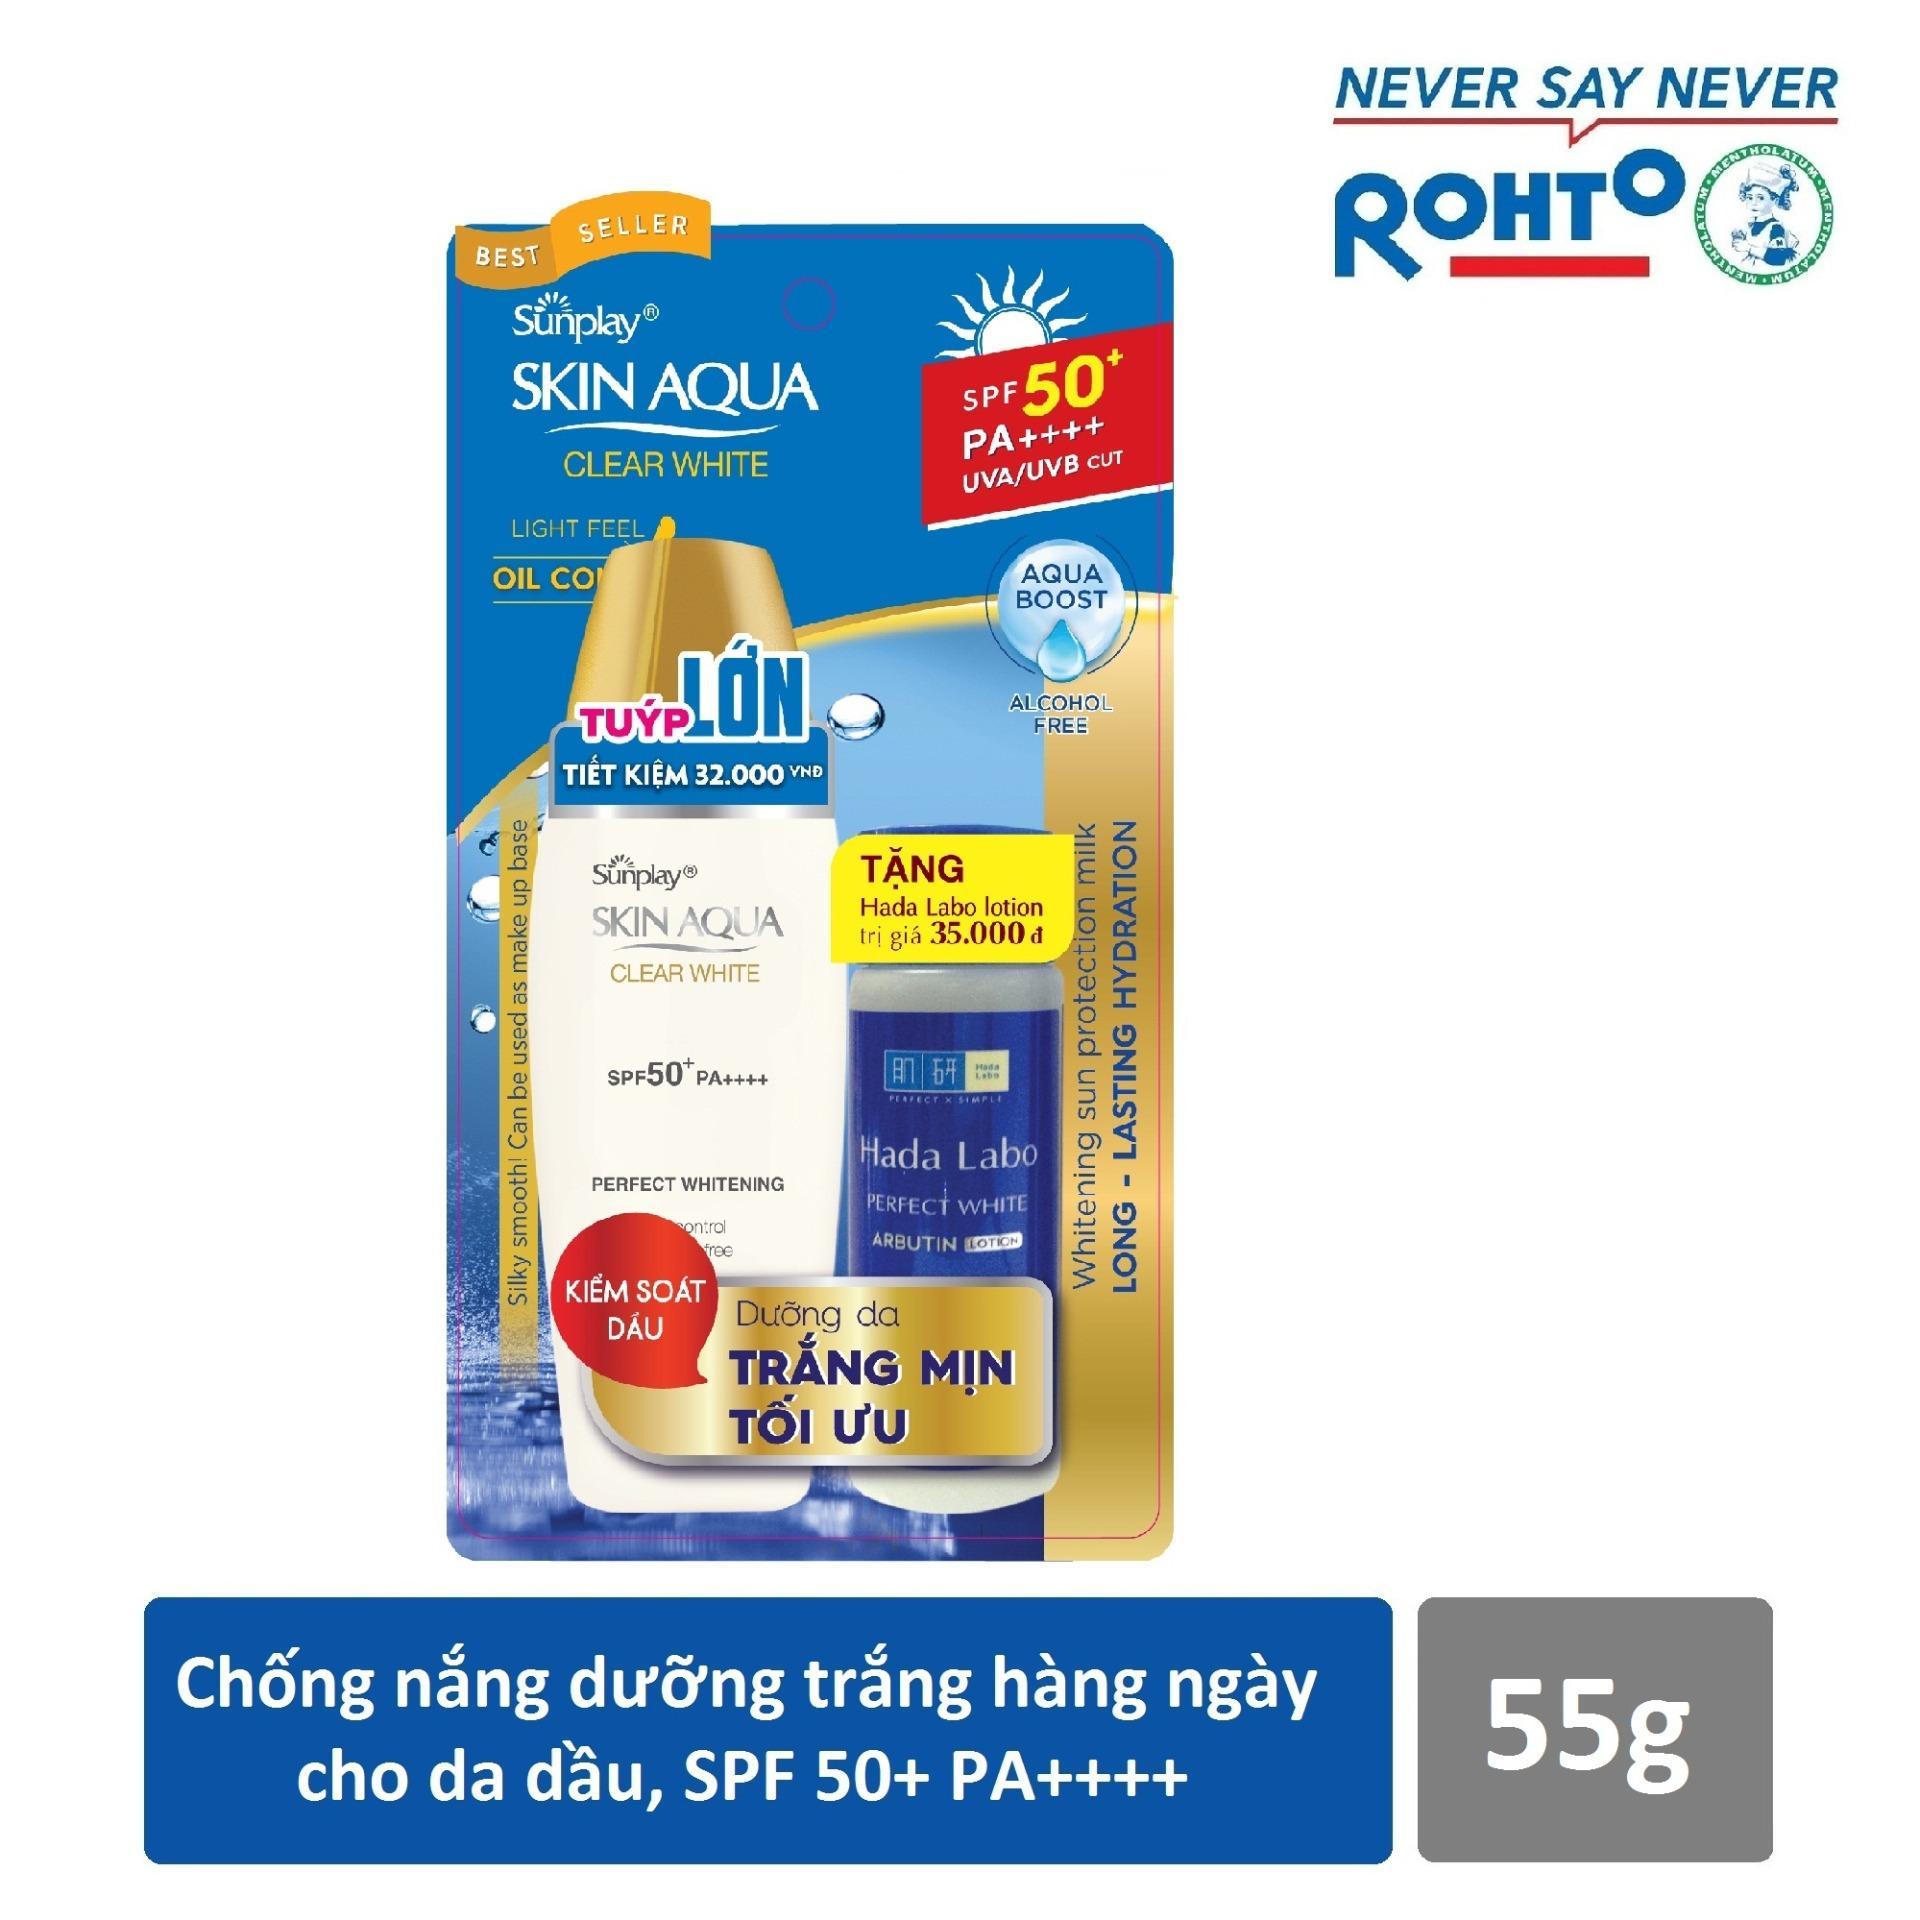 Giá Bán Sữa Chống Nắng Hằng Ngay Dưỡng Trắng Sunplay Skin Aqua Clear White Spf 50 Pa 55G Tặng 1 Dung Dịch Dưỡng Hada Labo Perfect White 40Ml Sunplay Vietnam